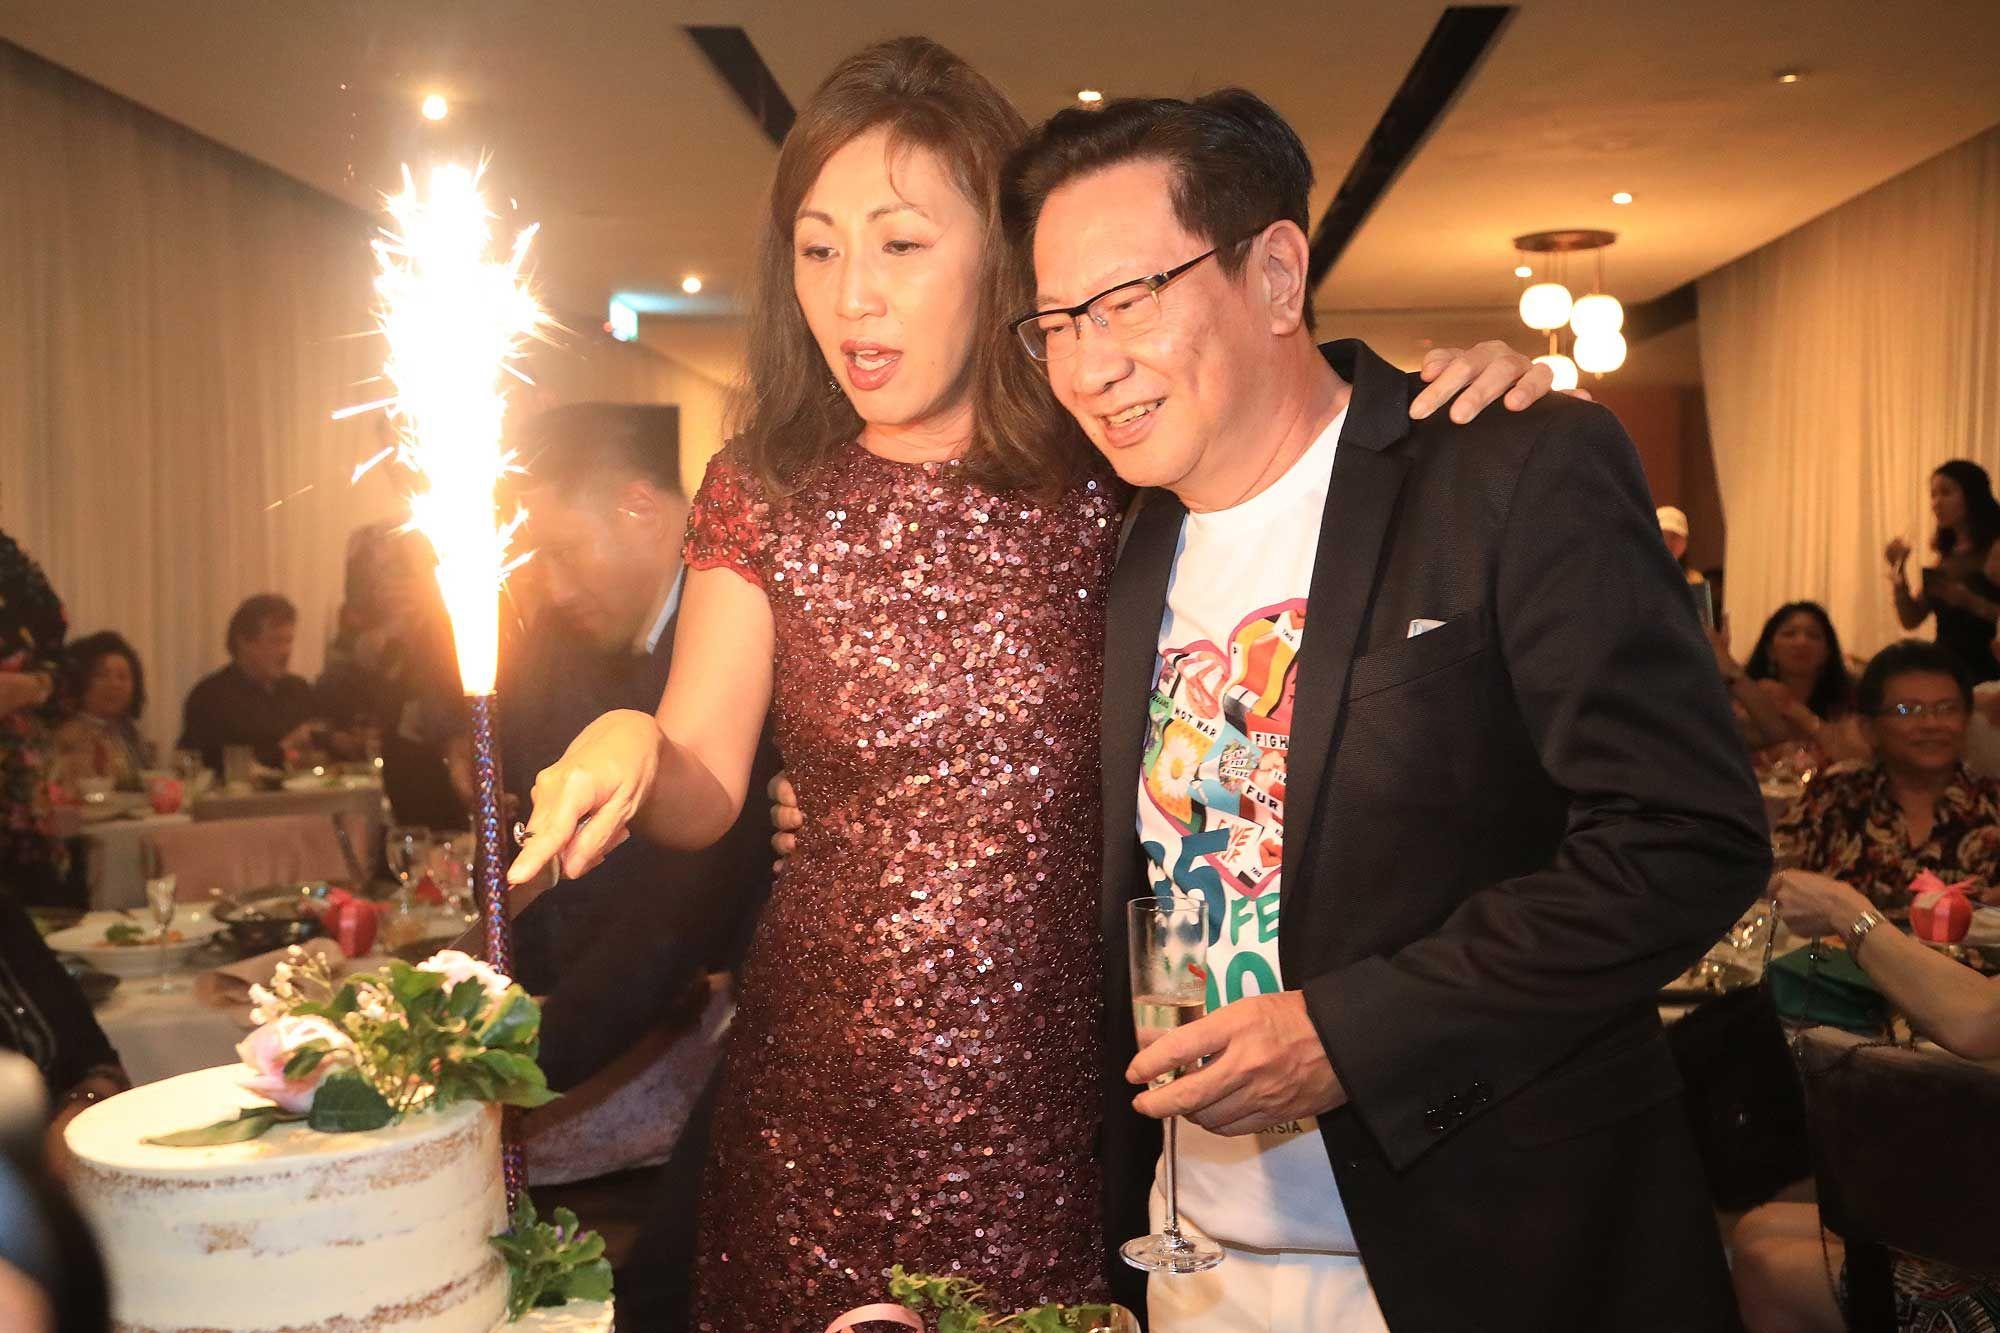 Datin Mina Cheah and Datuk Simon Foong